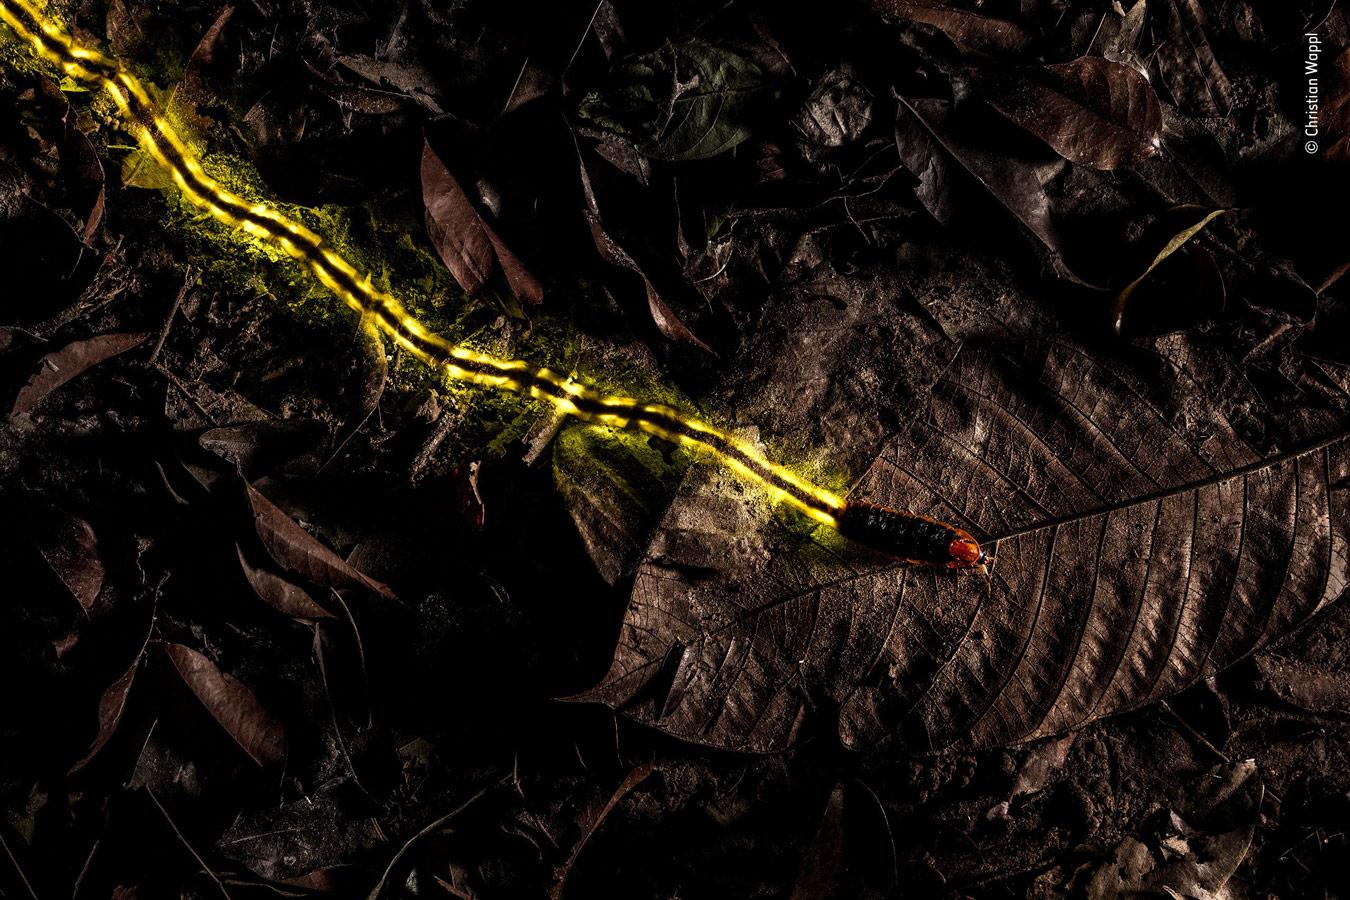 Прокладывающий путь, © Кристиан Ваппл, Австрия, Победитель категории «Другие животные», Фотоконкурс «Европейский фотограф дикой природы»